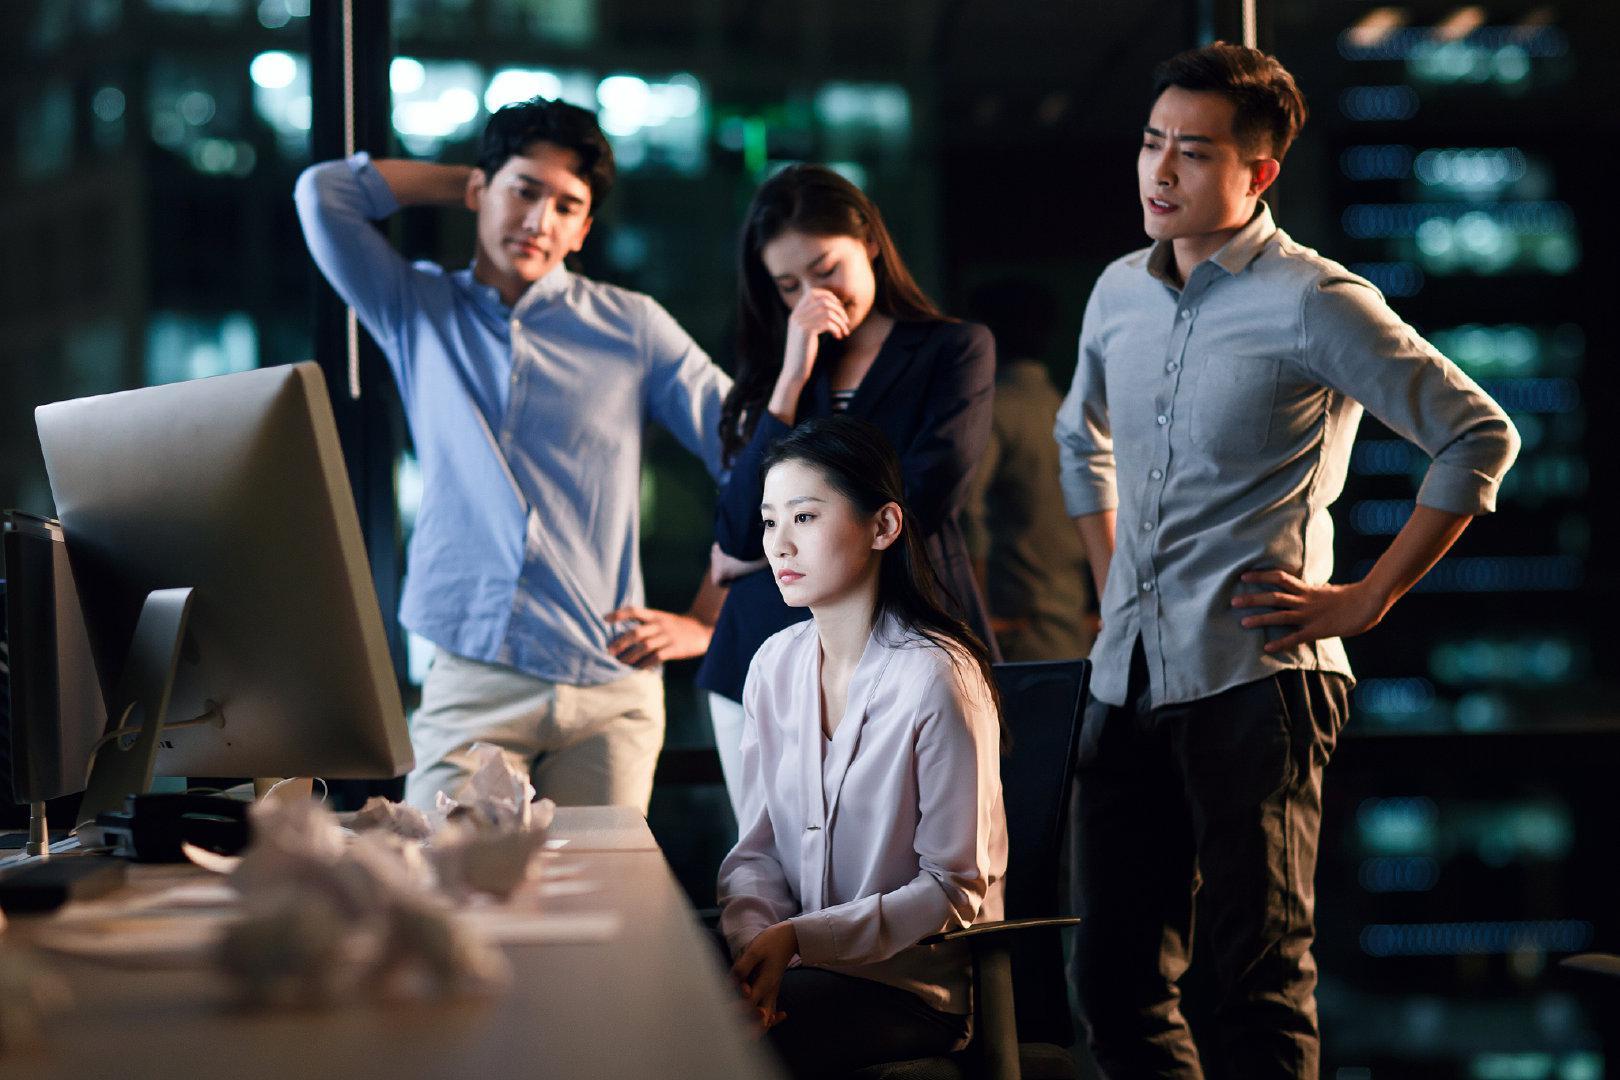 2021年普通人和创业者还有哪些财富机会?